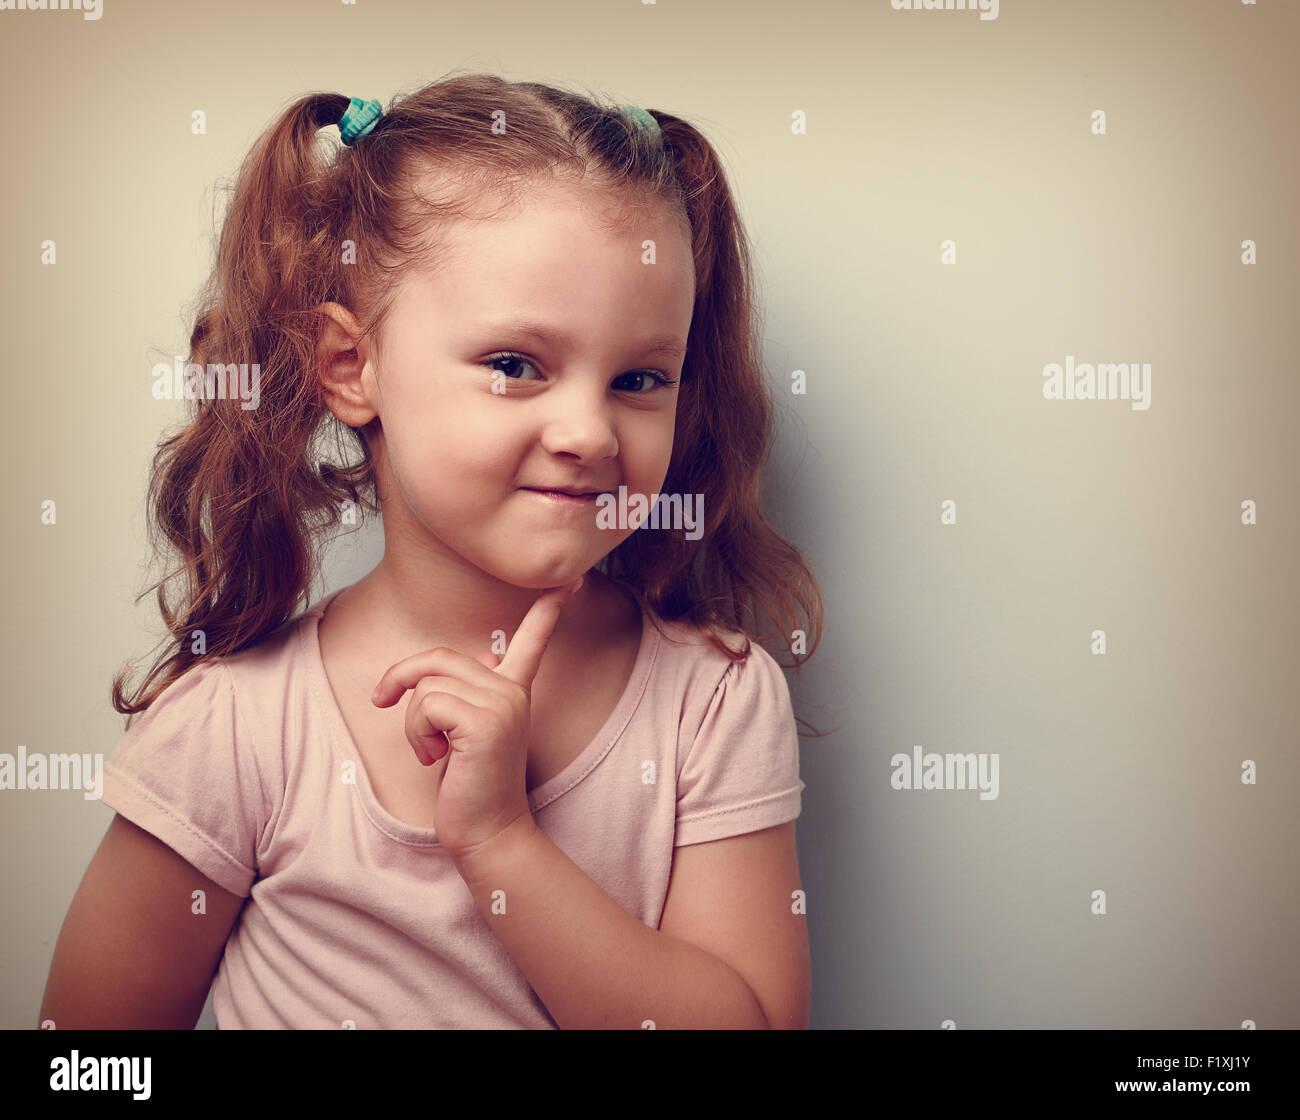 Astuzia pensare in piccolo kid ragazza con il dito vicino faccia cercando. Vintage closeup ritratto Immagini Stock